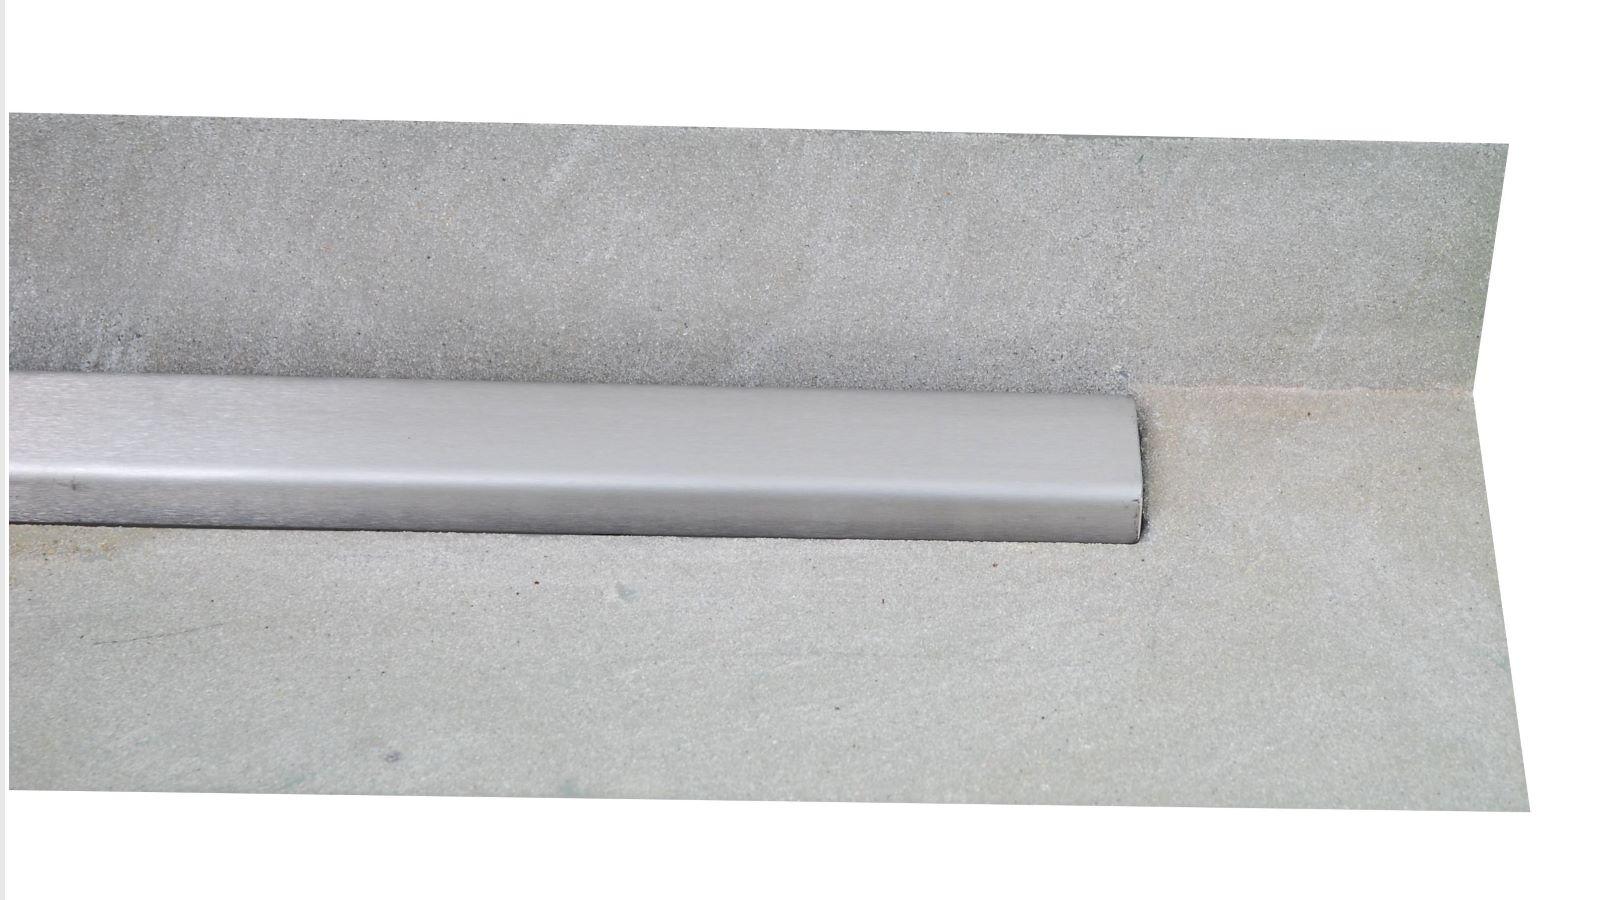 Die langlebige v4a edelstahl-duschrinne pro hat einen breiten, besandeten klebeflansch fuer eine sichere abdichtung. Diese sonderanfertigung hat eine aufkantung an der langen, hinteren Seite, die direkt an der wand oder vor einer sitzbank positioniert wird. Diese variante ist zum beispiel in der unten gezeigten bodenebenen dusche mit den großflaechigen fliesen in moderner optik montiert. Sie sorgt durch ihre sehr hohe ablaufleistung fuer eine sehr gute entwaesserung der altersgerechten dusche.